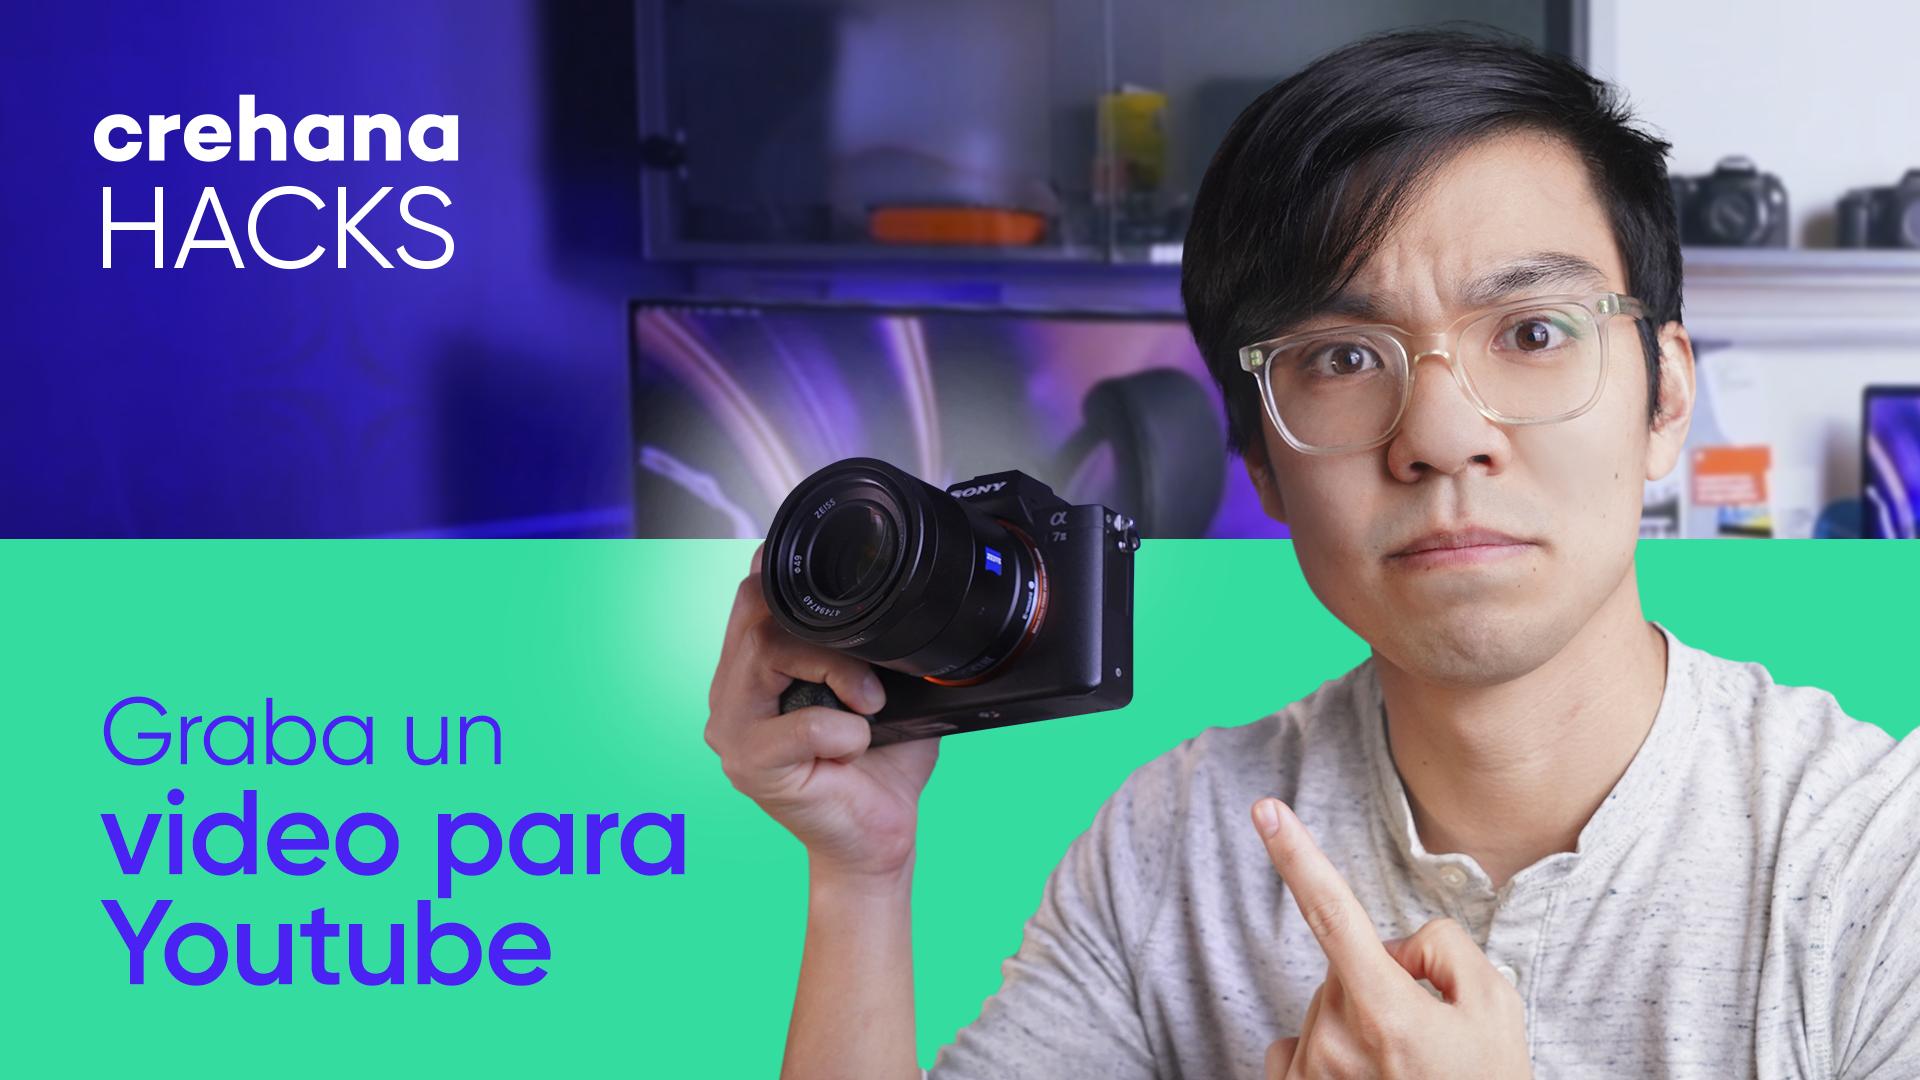 ¿Cómo grabar videos de YouTube y perder el miedo a la cámara?